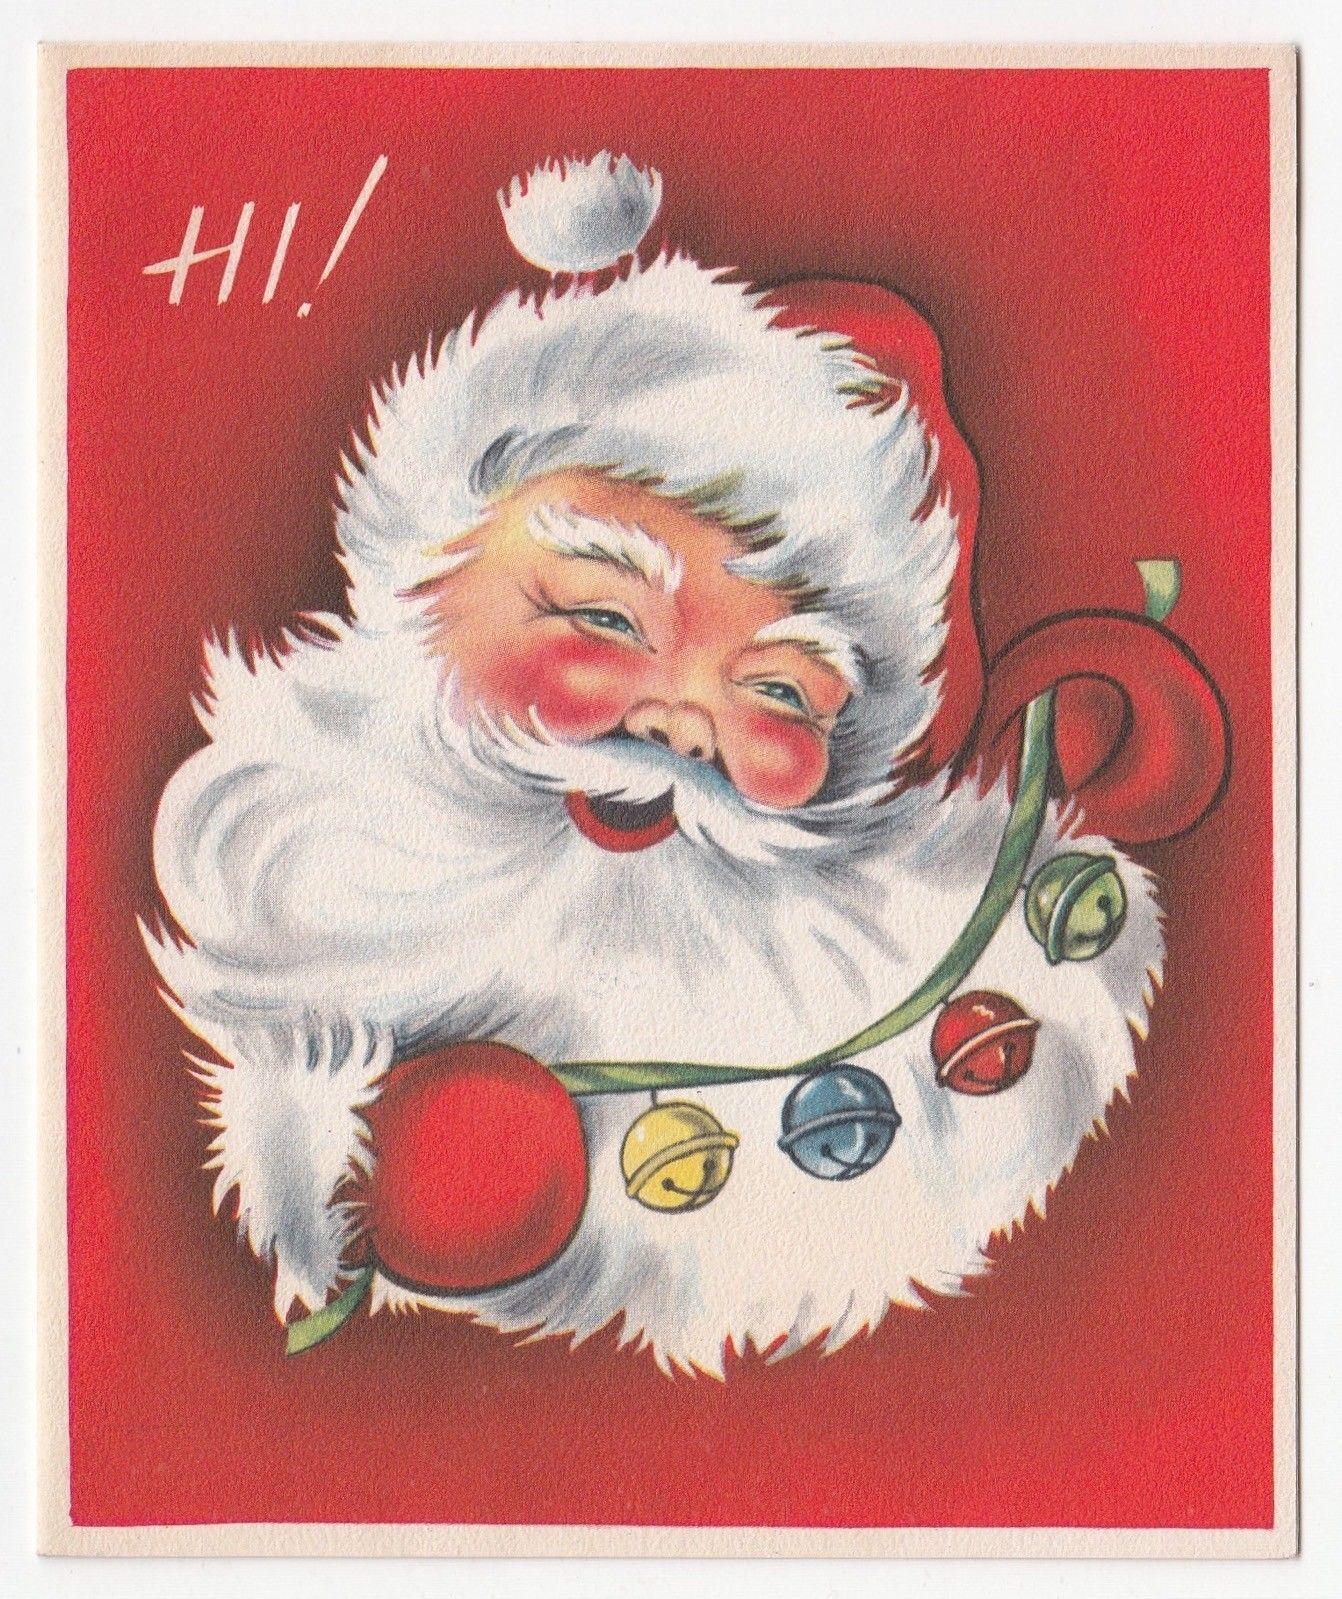 Vintage Greeting Card Christmas Santa Claus Jingle Bells Reindeer Sleigh Inside | Vintage ...